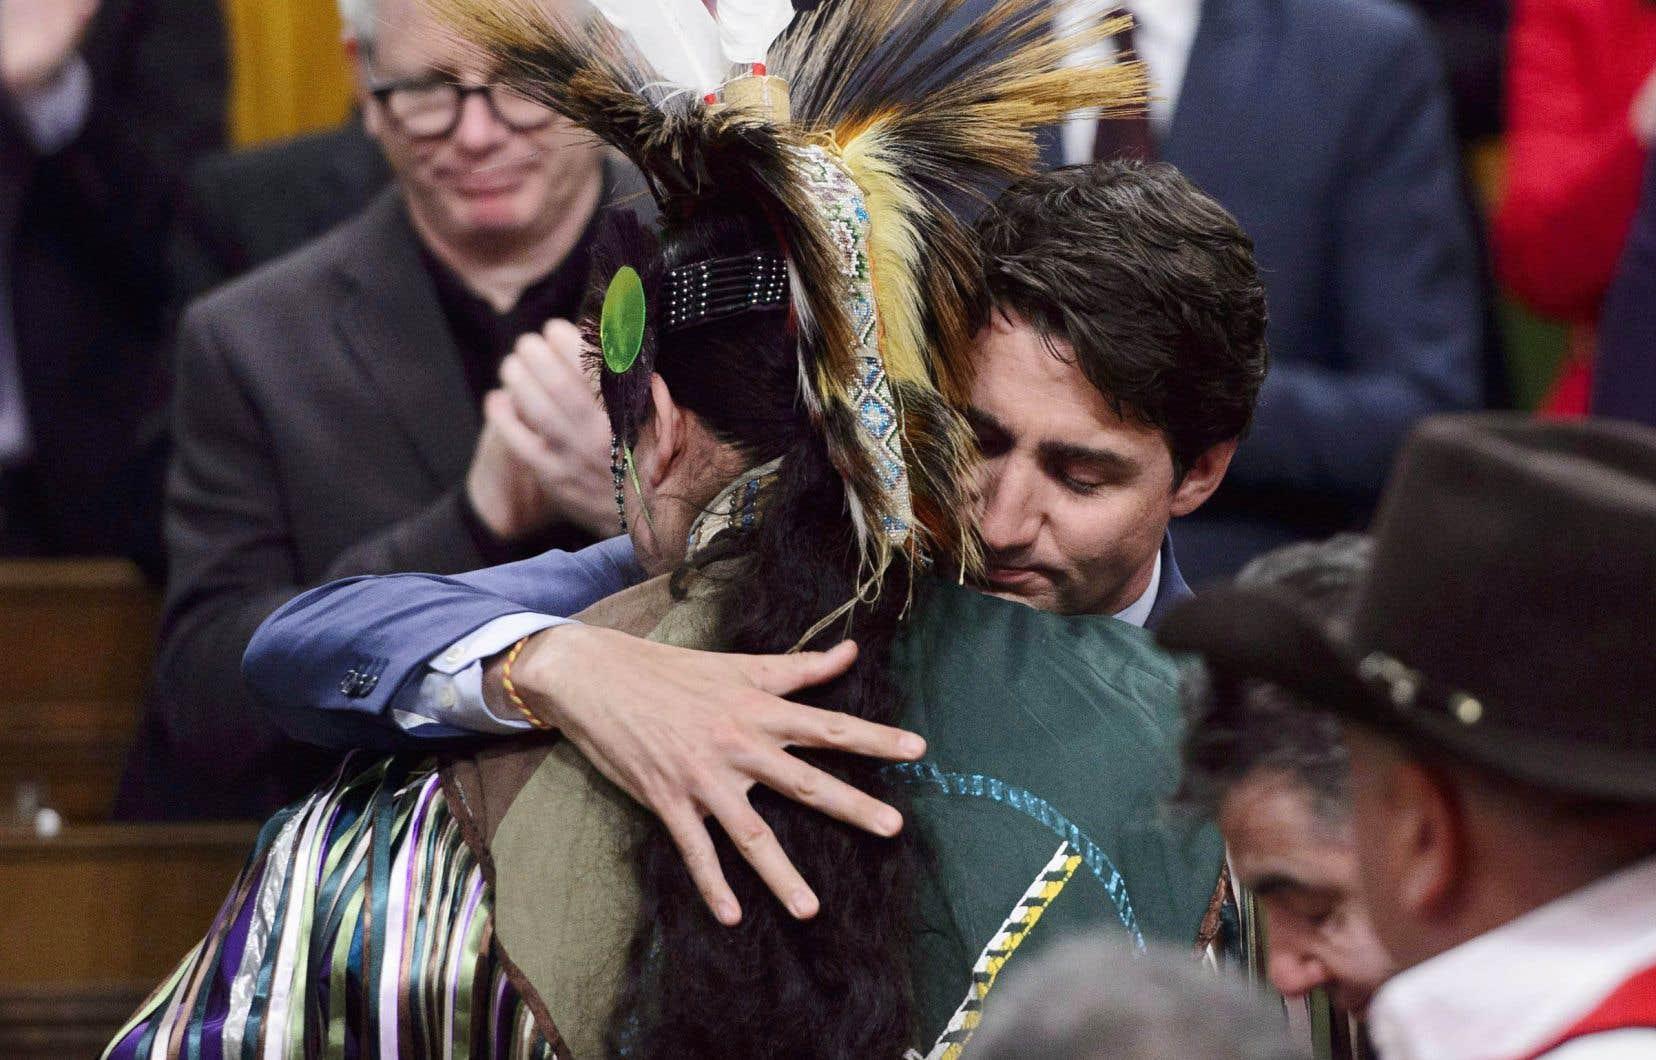 Le premier ministre Justin Trudeau étreint un membre de la nation Tsilhqot'in au parlement d'Ottawa, le 26 mars dernier, alors qu'il innocentait six chefs autochtones exécutés par le gouvernement colonial de la Colombie-Britannique il y a plus de 150 ans.